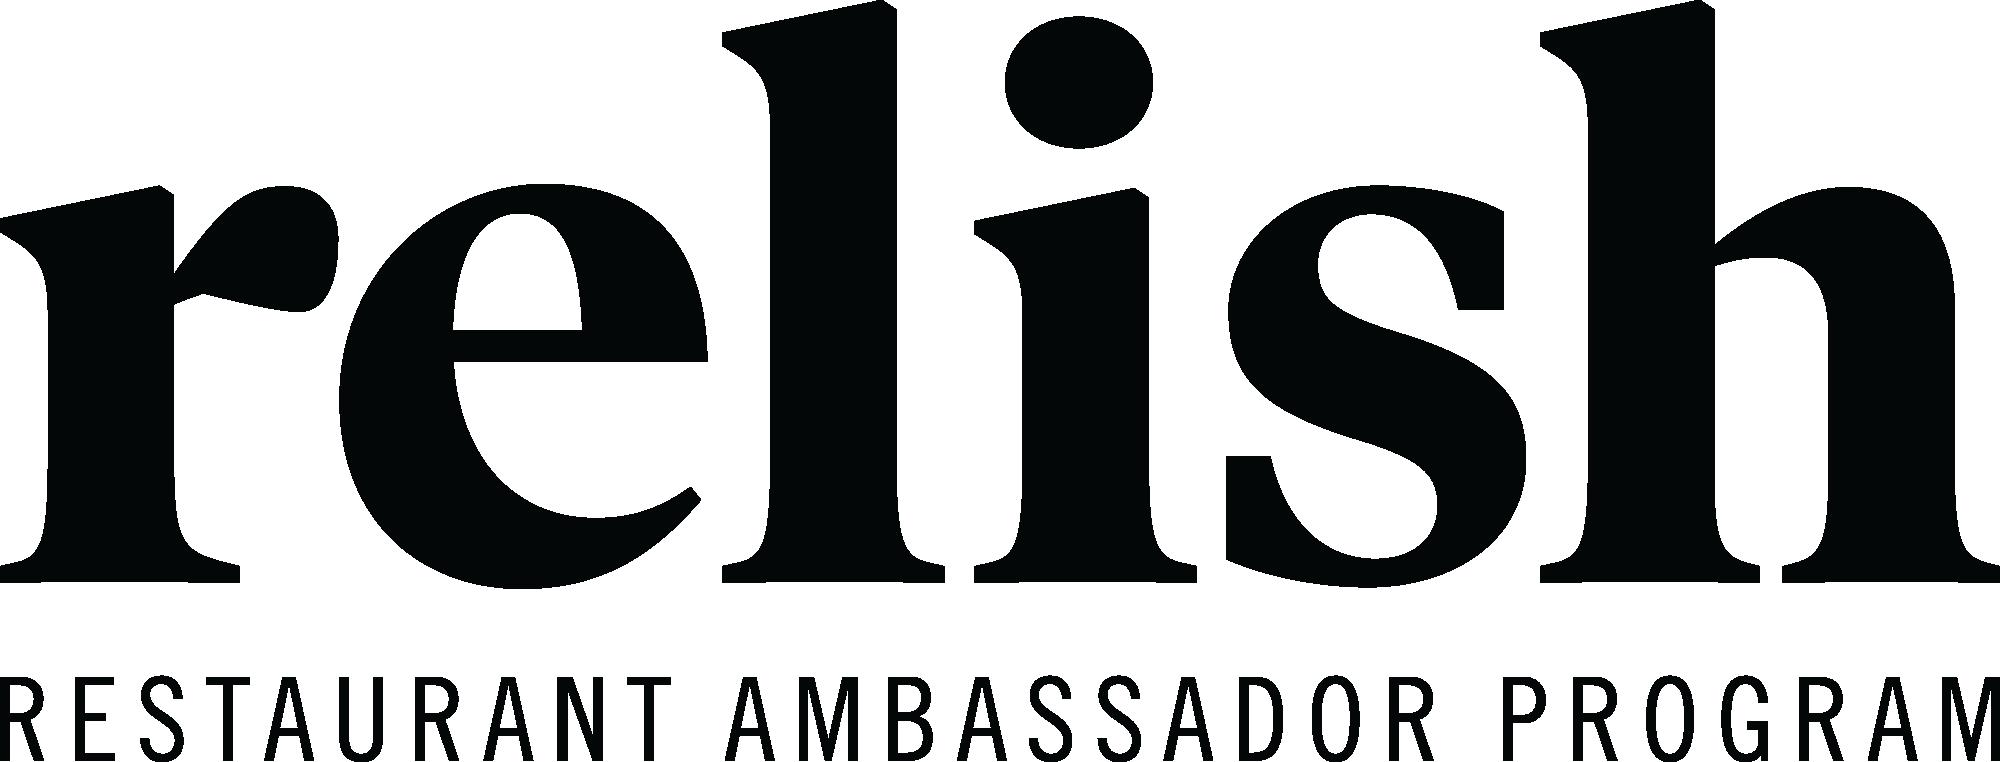 relish_Restaurant Ambassador Program_EatDrinkDish_Black_transparent.png